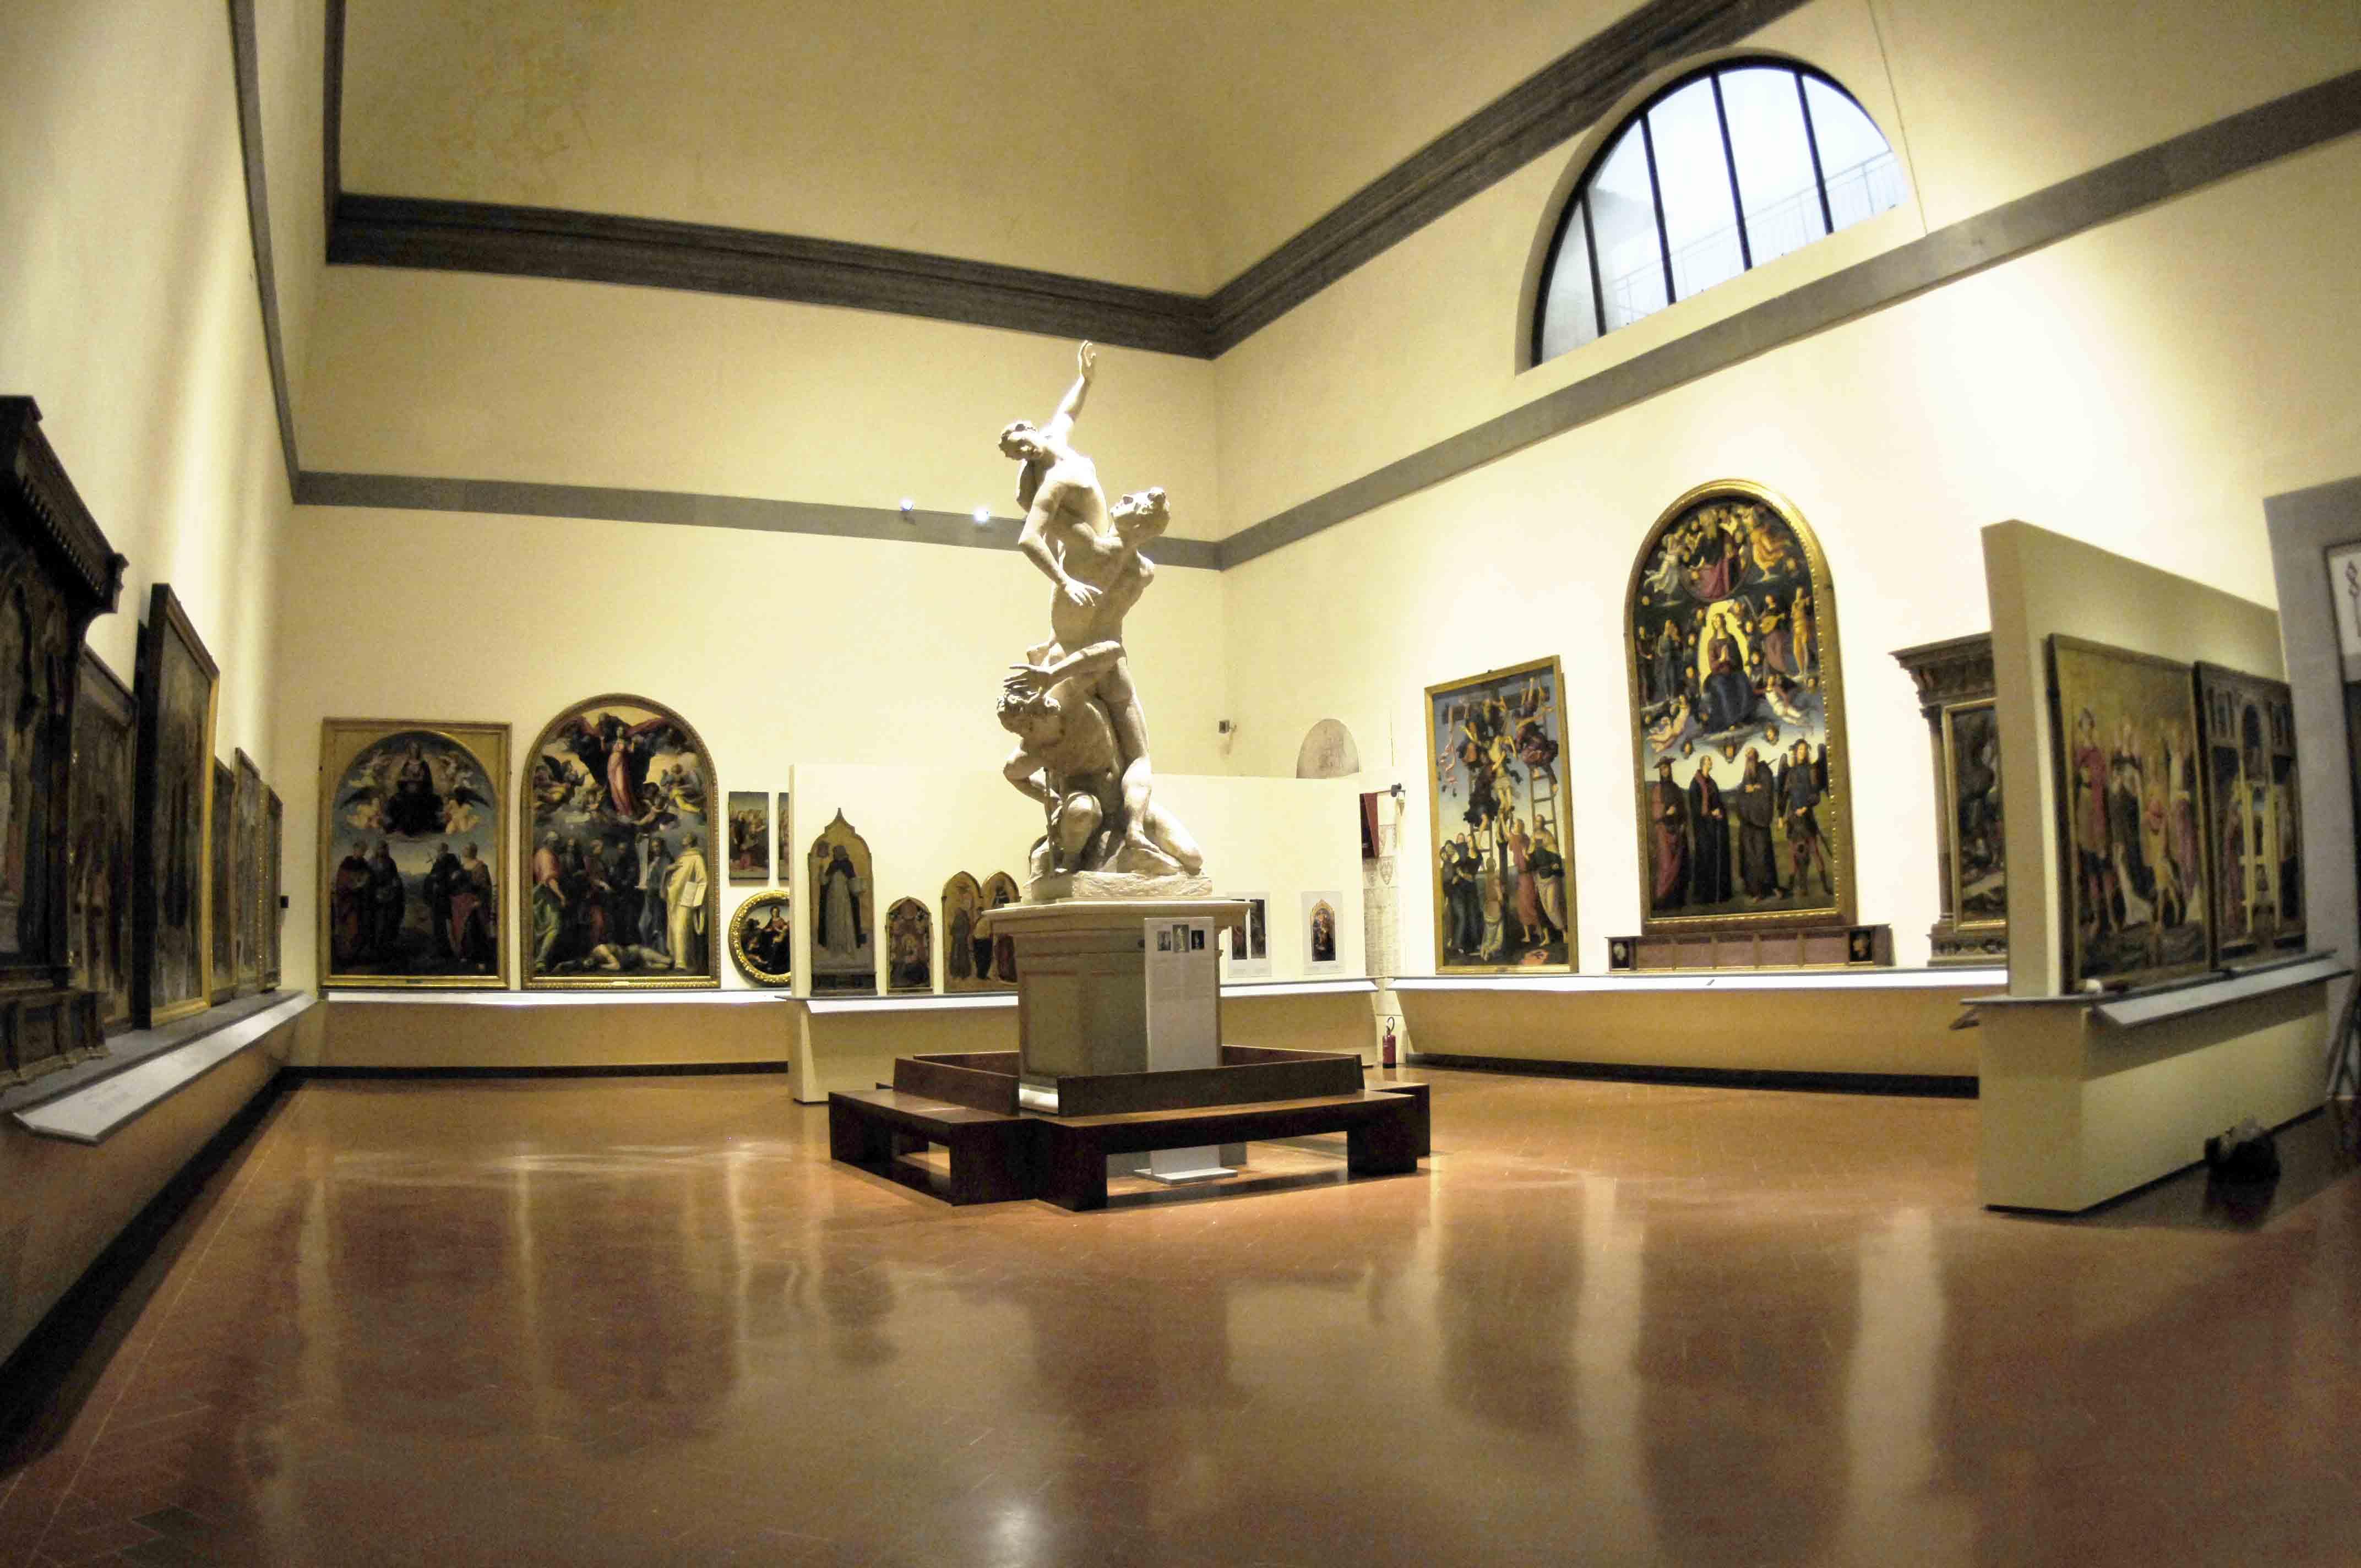 Sala del Colosso Galleria dellAccademia Firenze  Artribune